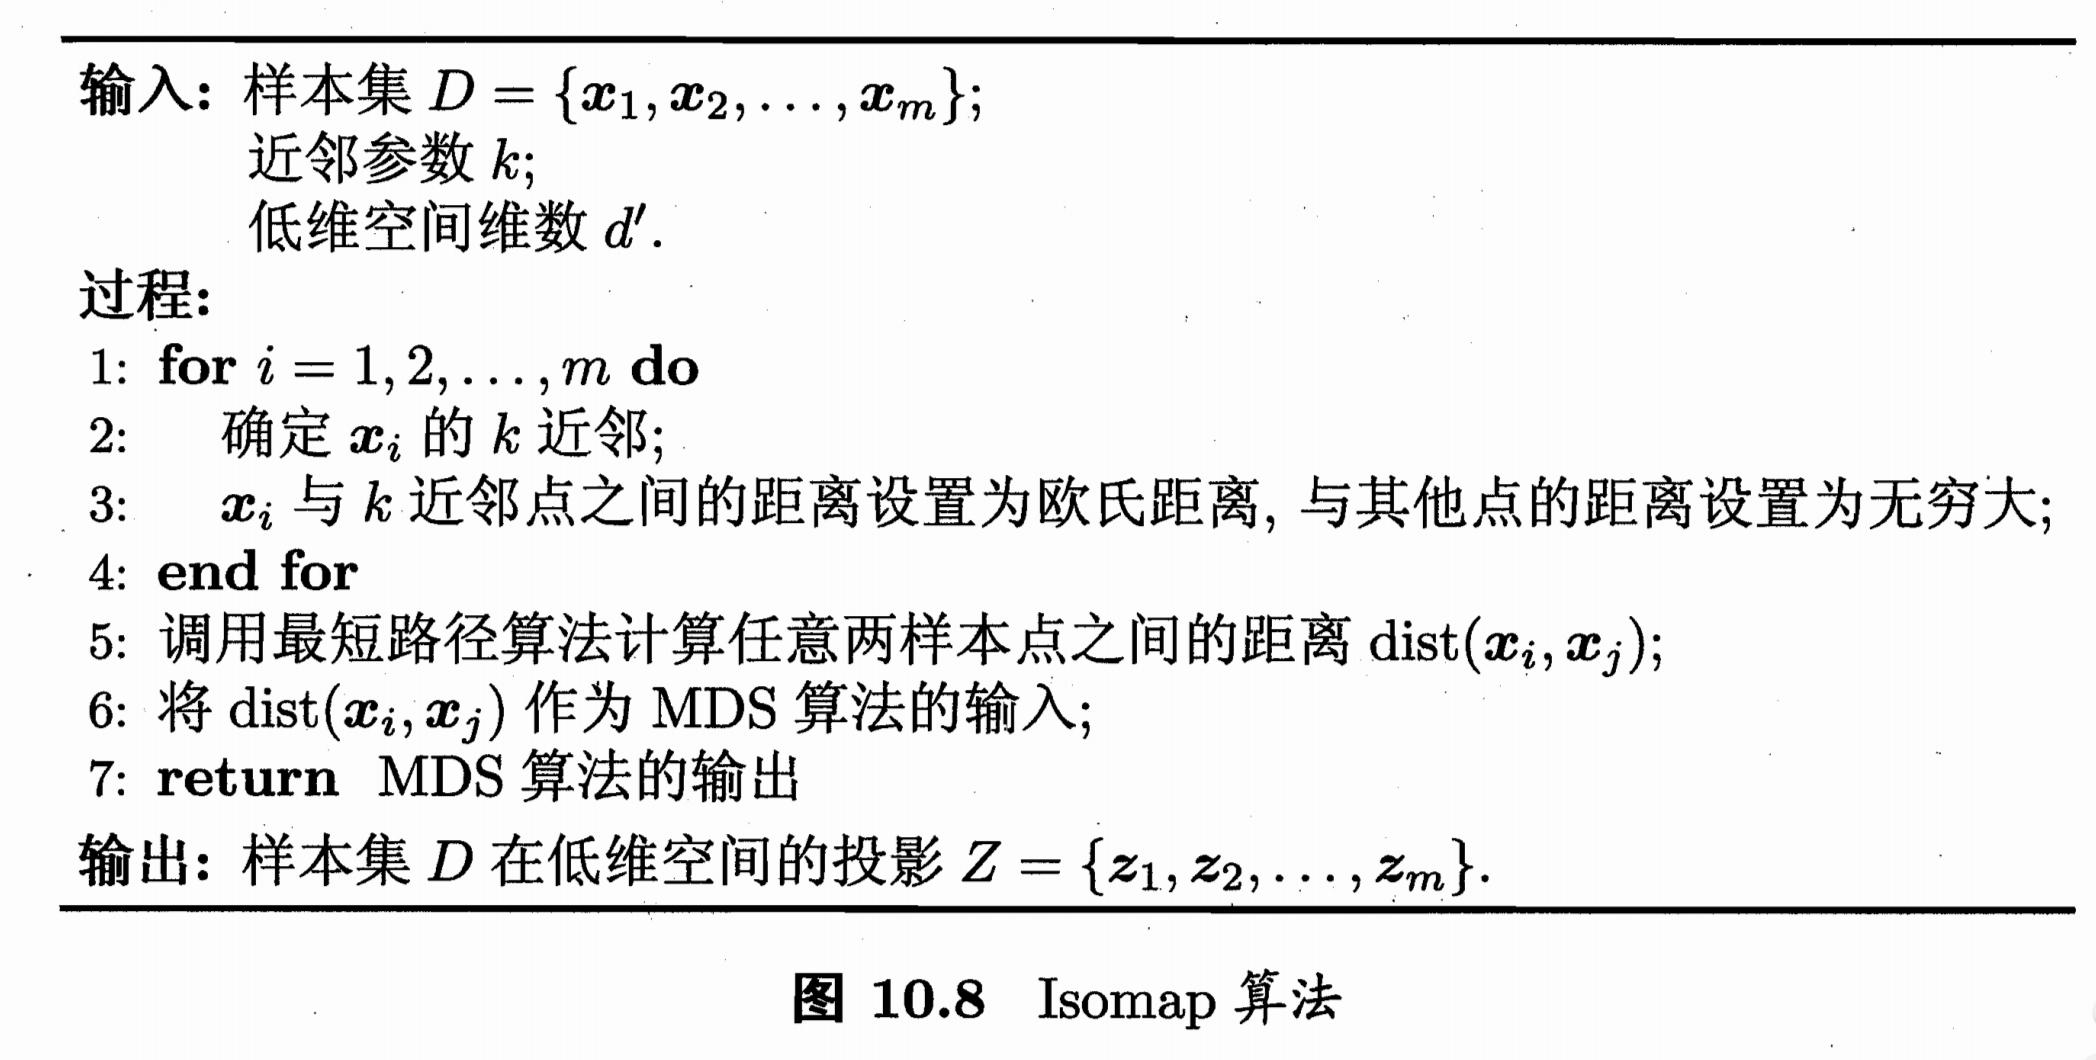 Isomap算法